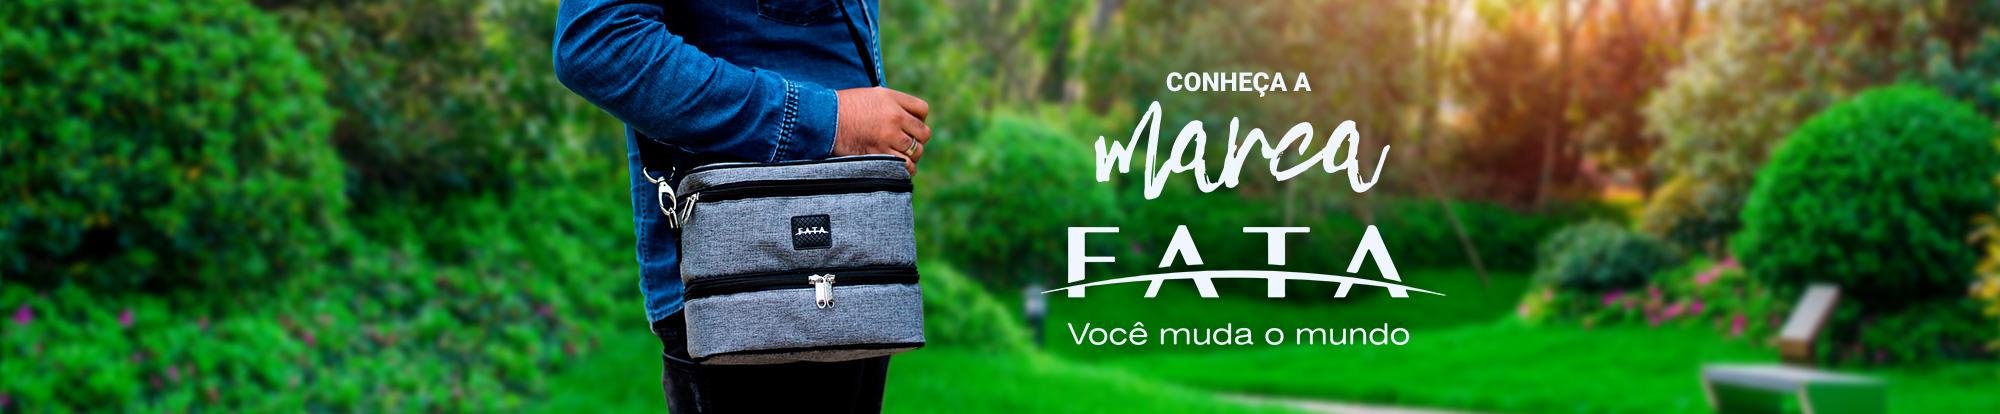 Banner Marca Fata